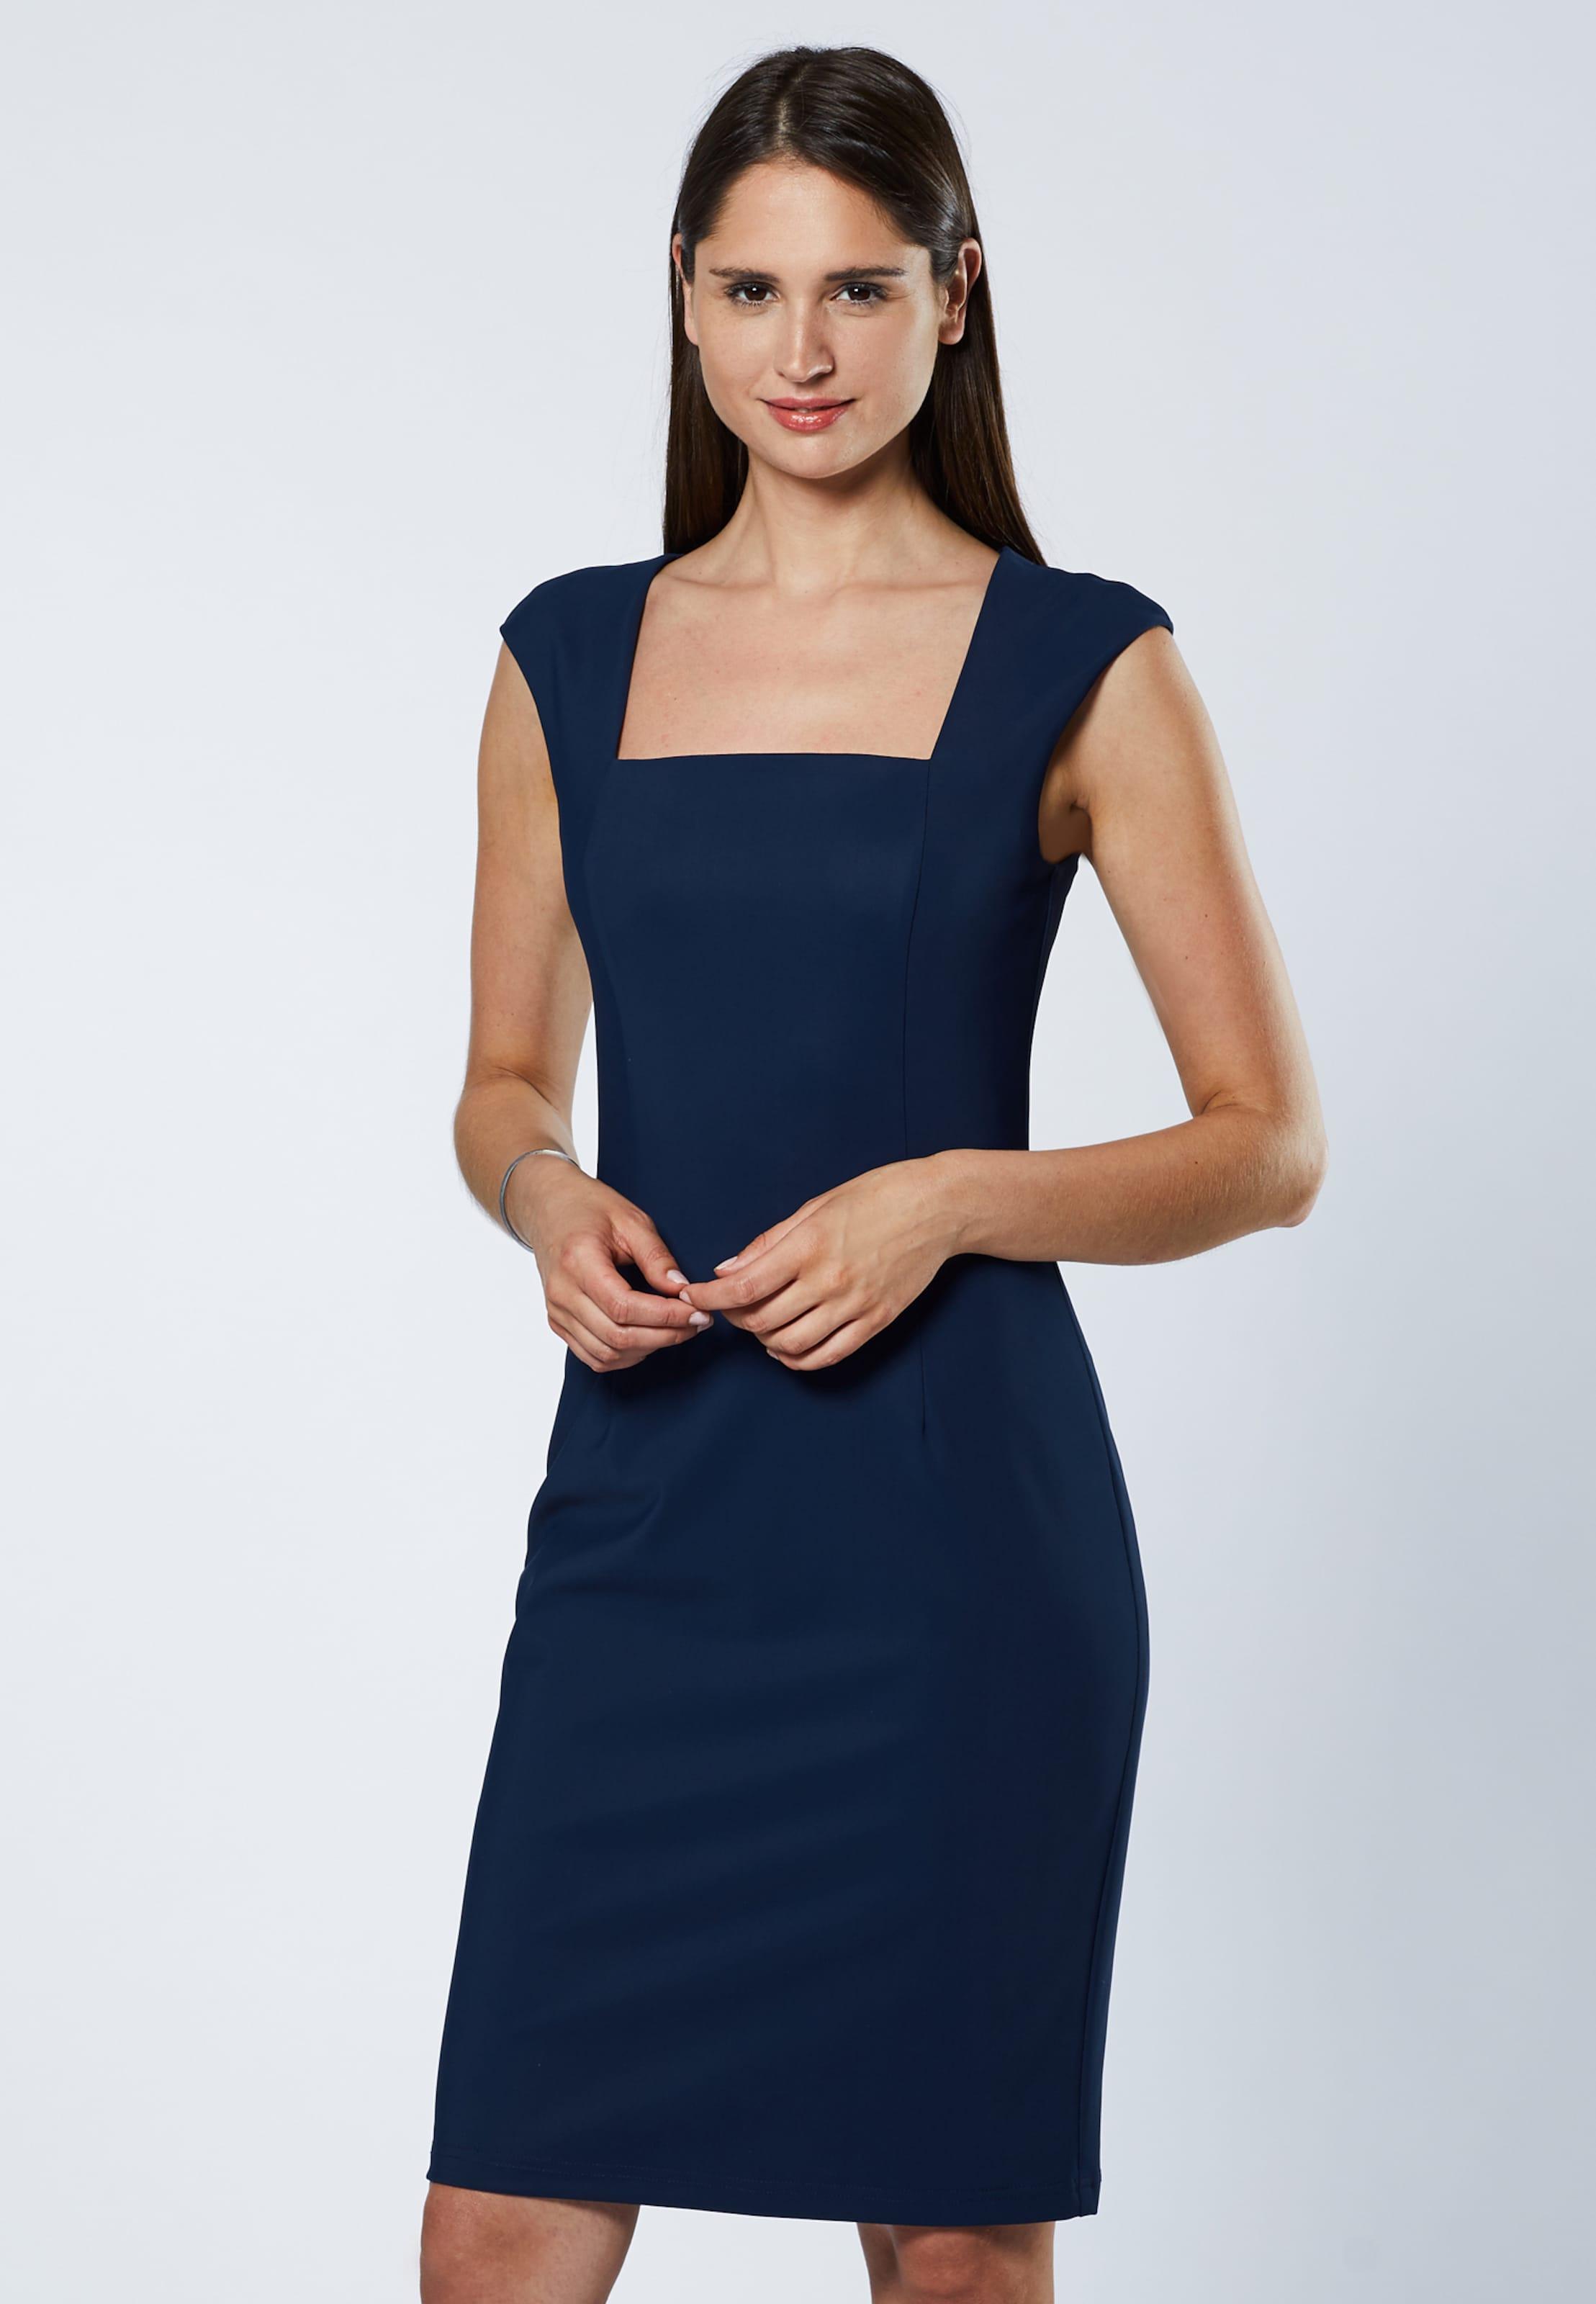 In In Evita Evita Navy Kleid Navy Evita Kleid Kleid 7fgb6y